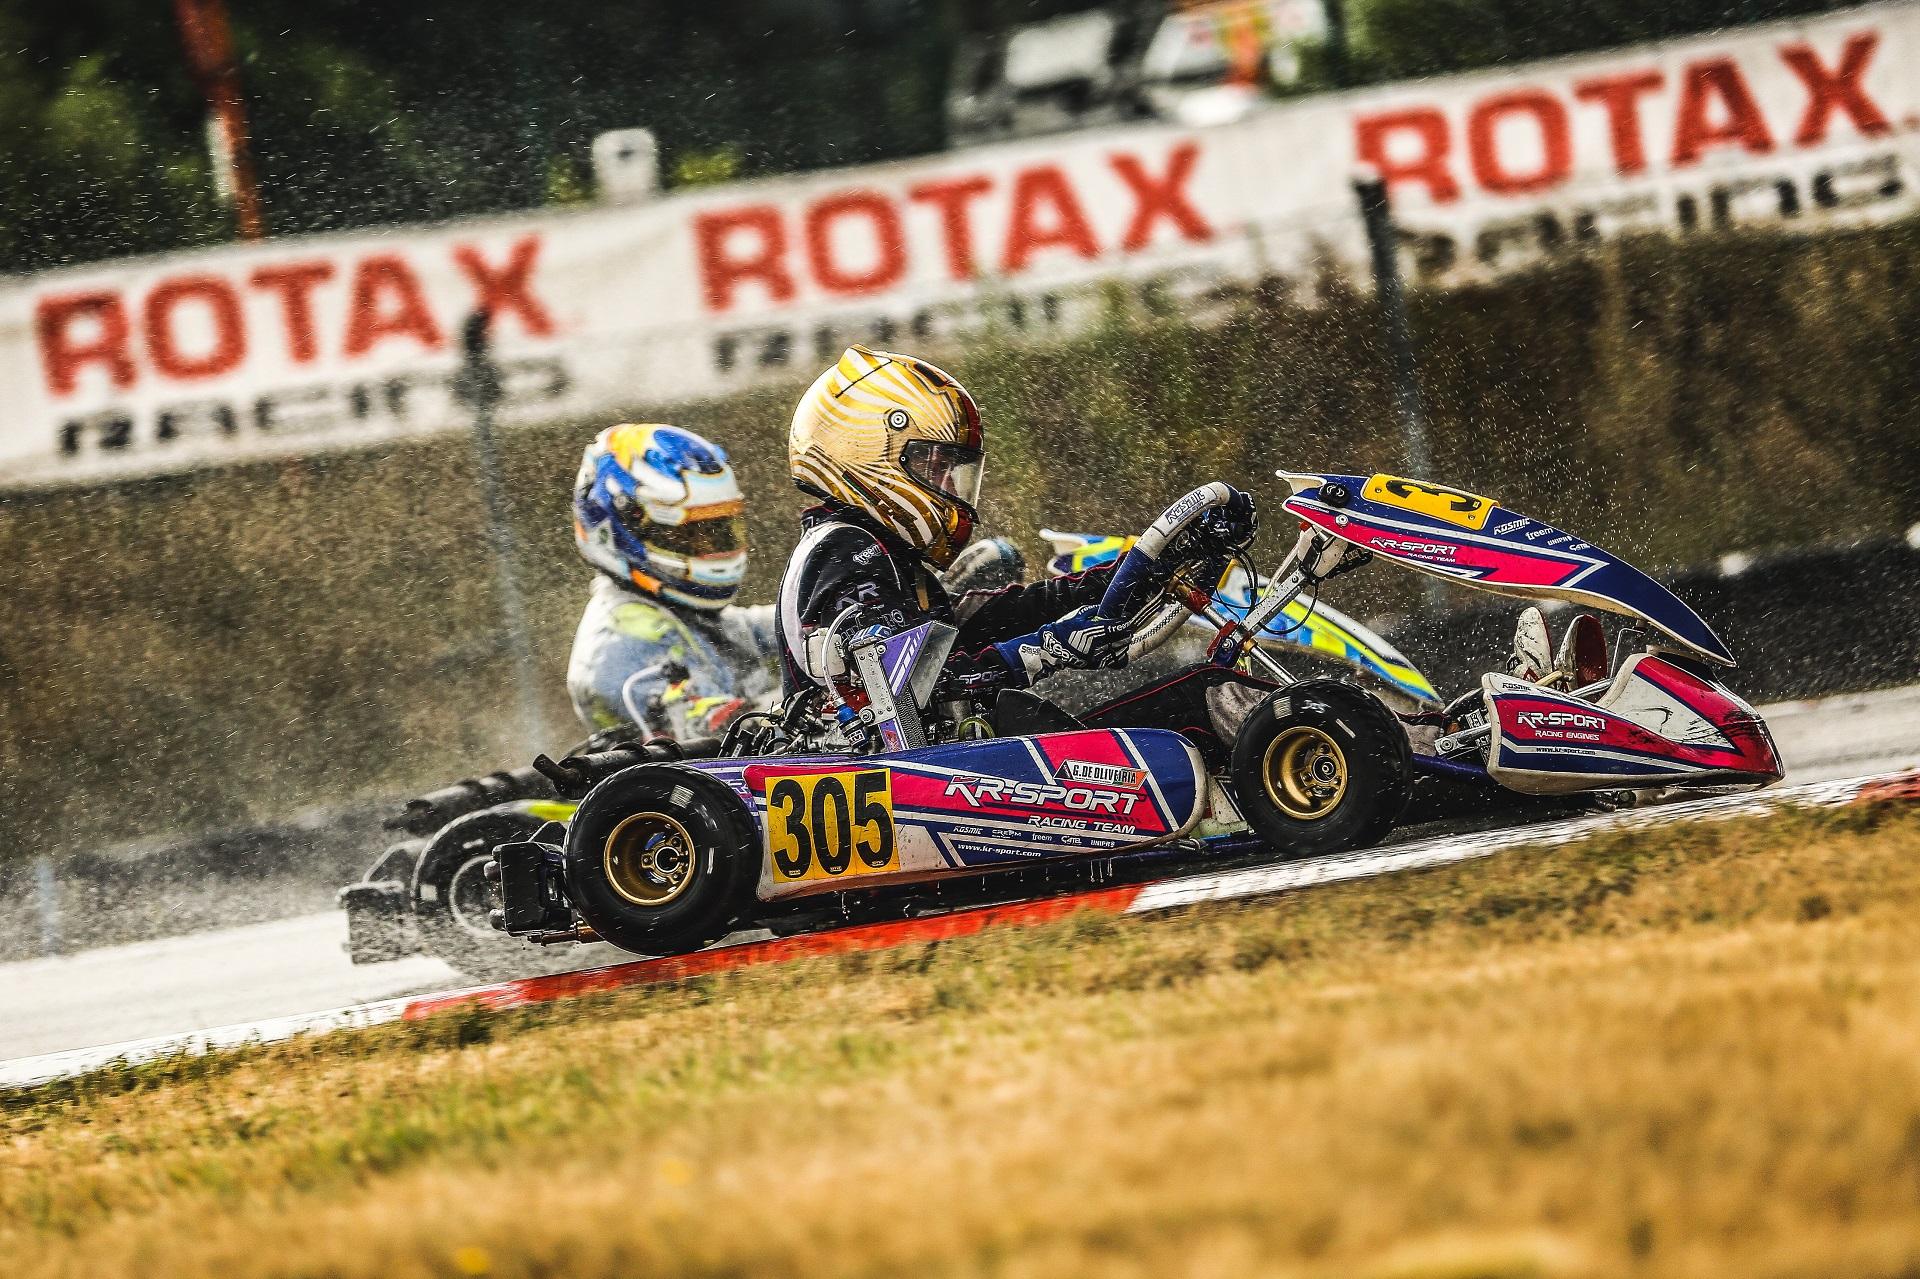 Guilherme de Oliveira 11.ª classificado na 1.ª prova do Europeu Rotax em Genk